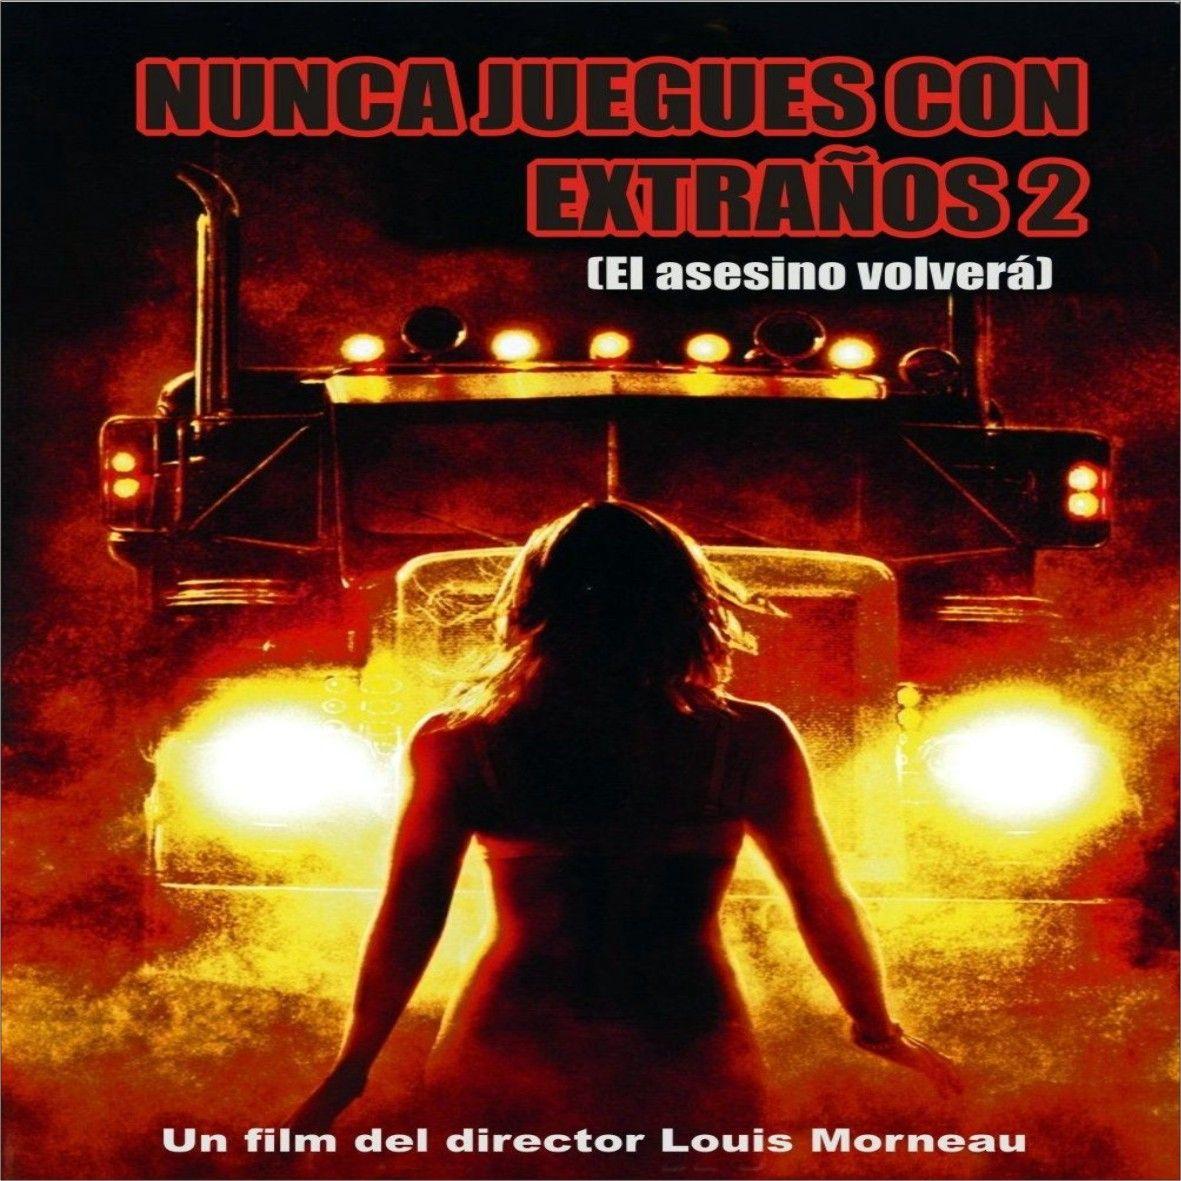 Nunca Juegues Con Extraños 2 (2008)